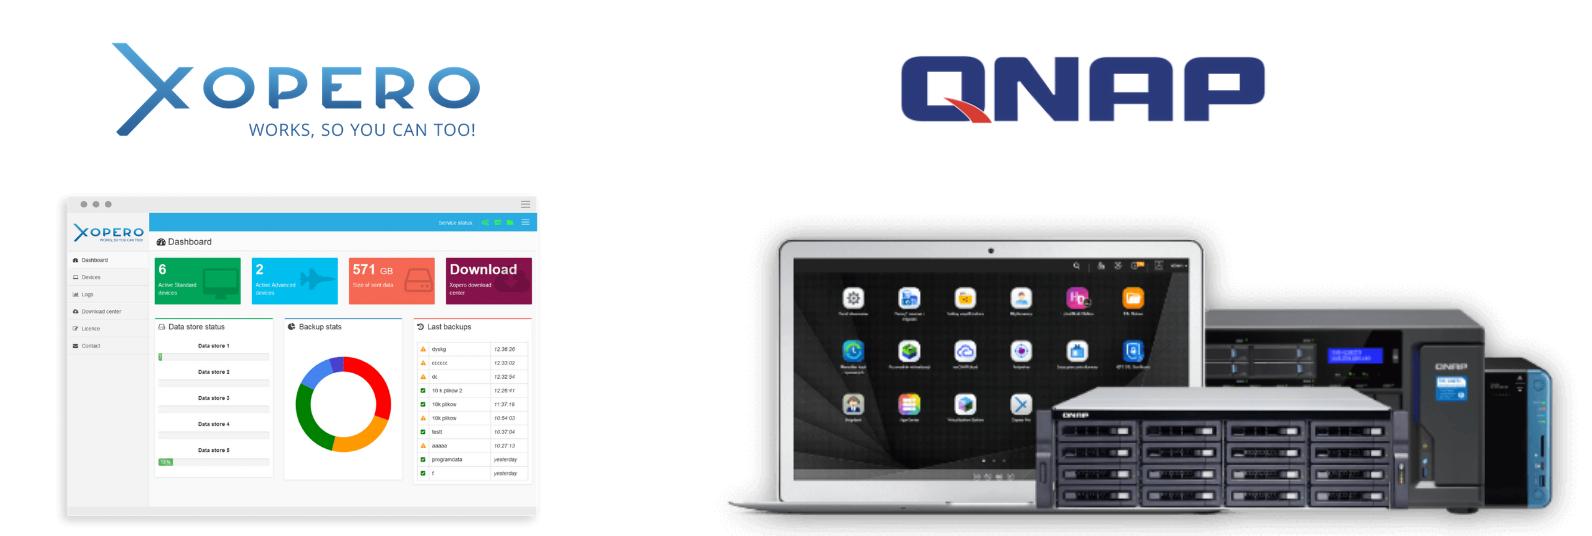 qnapixopero - Darmowy pakiet bezpieczeństwa doochrony sieci - netcomplex